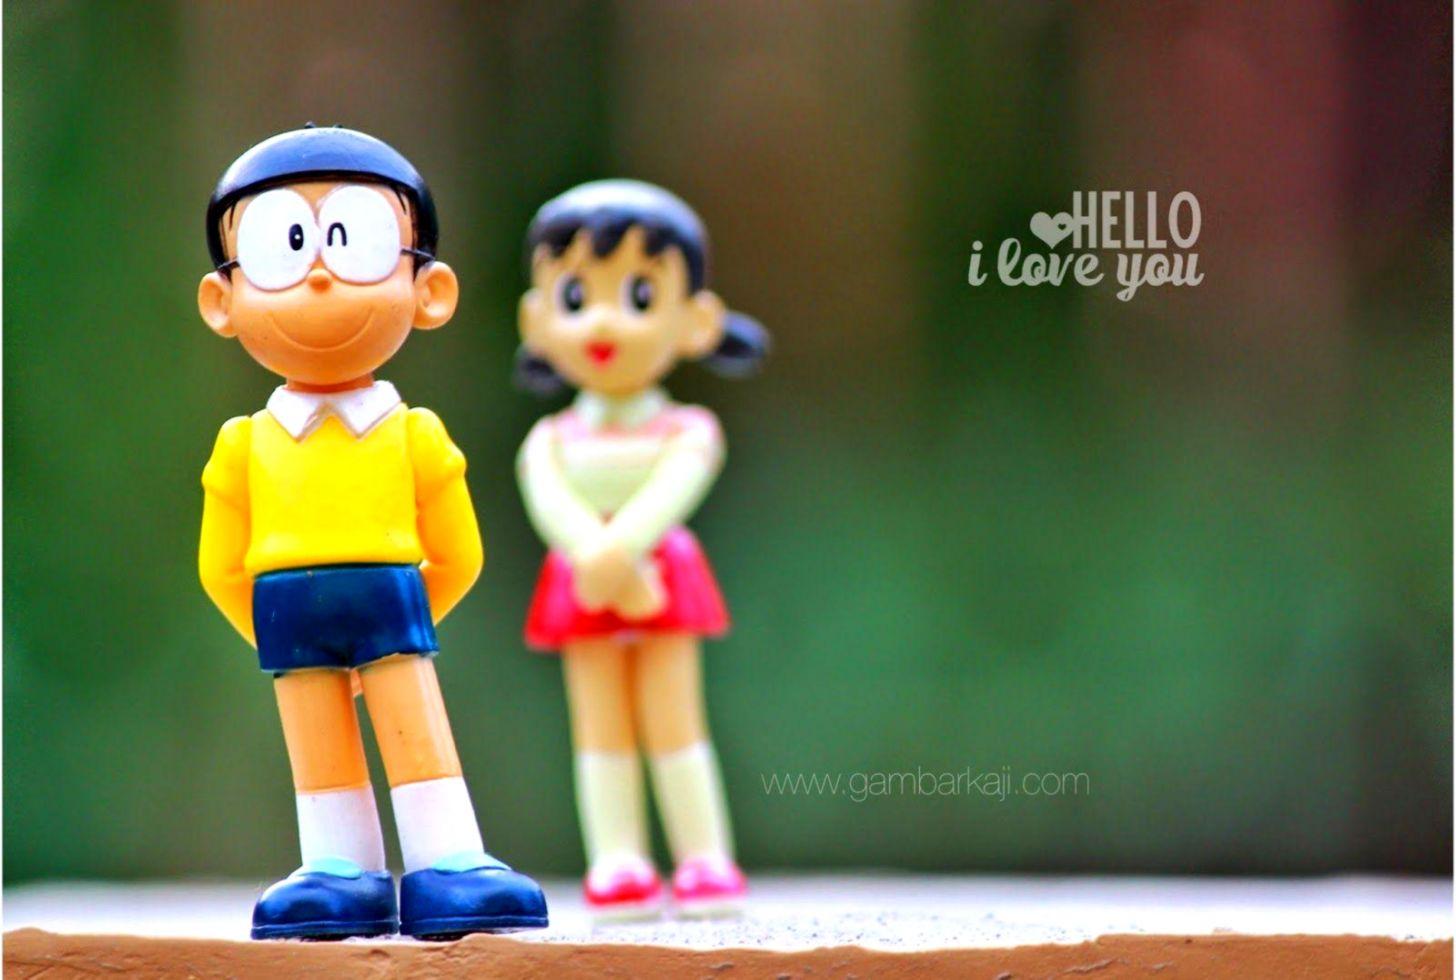 Doraemon Nobita Hd Wallpaper Wallpapers Direct 1456x980